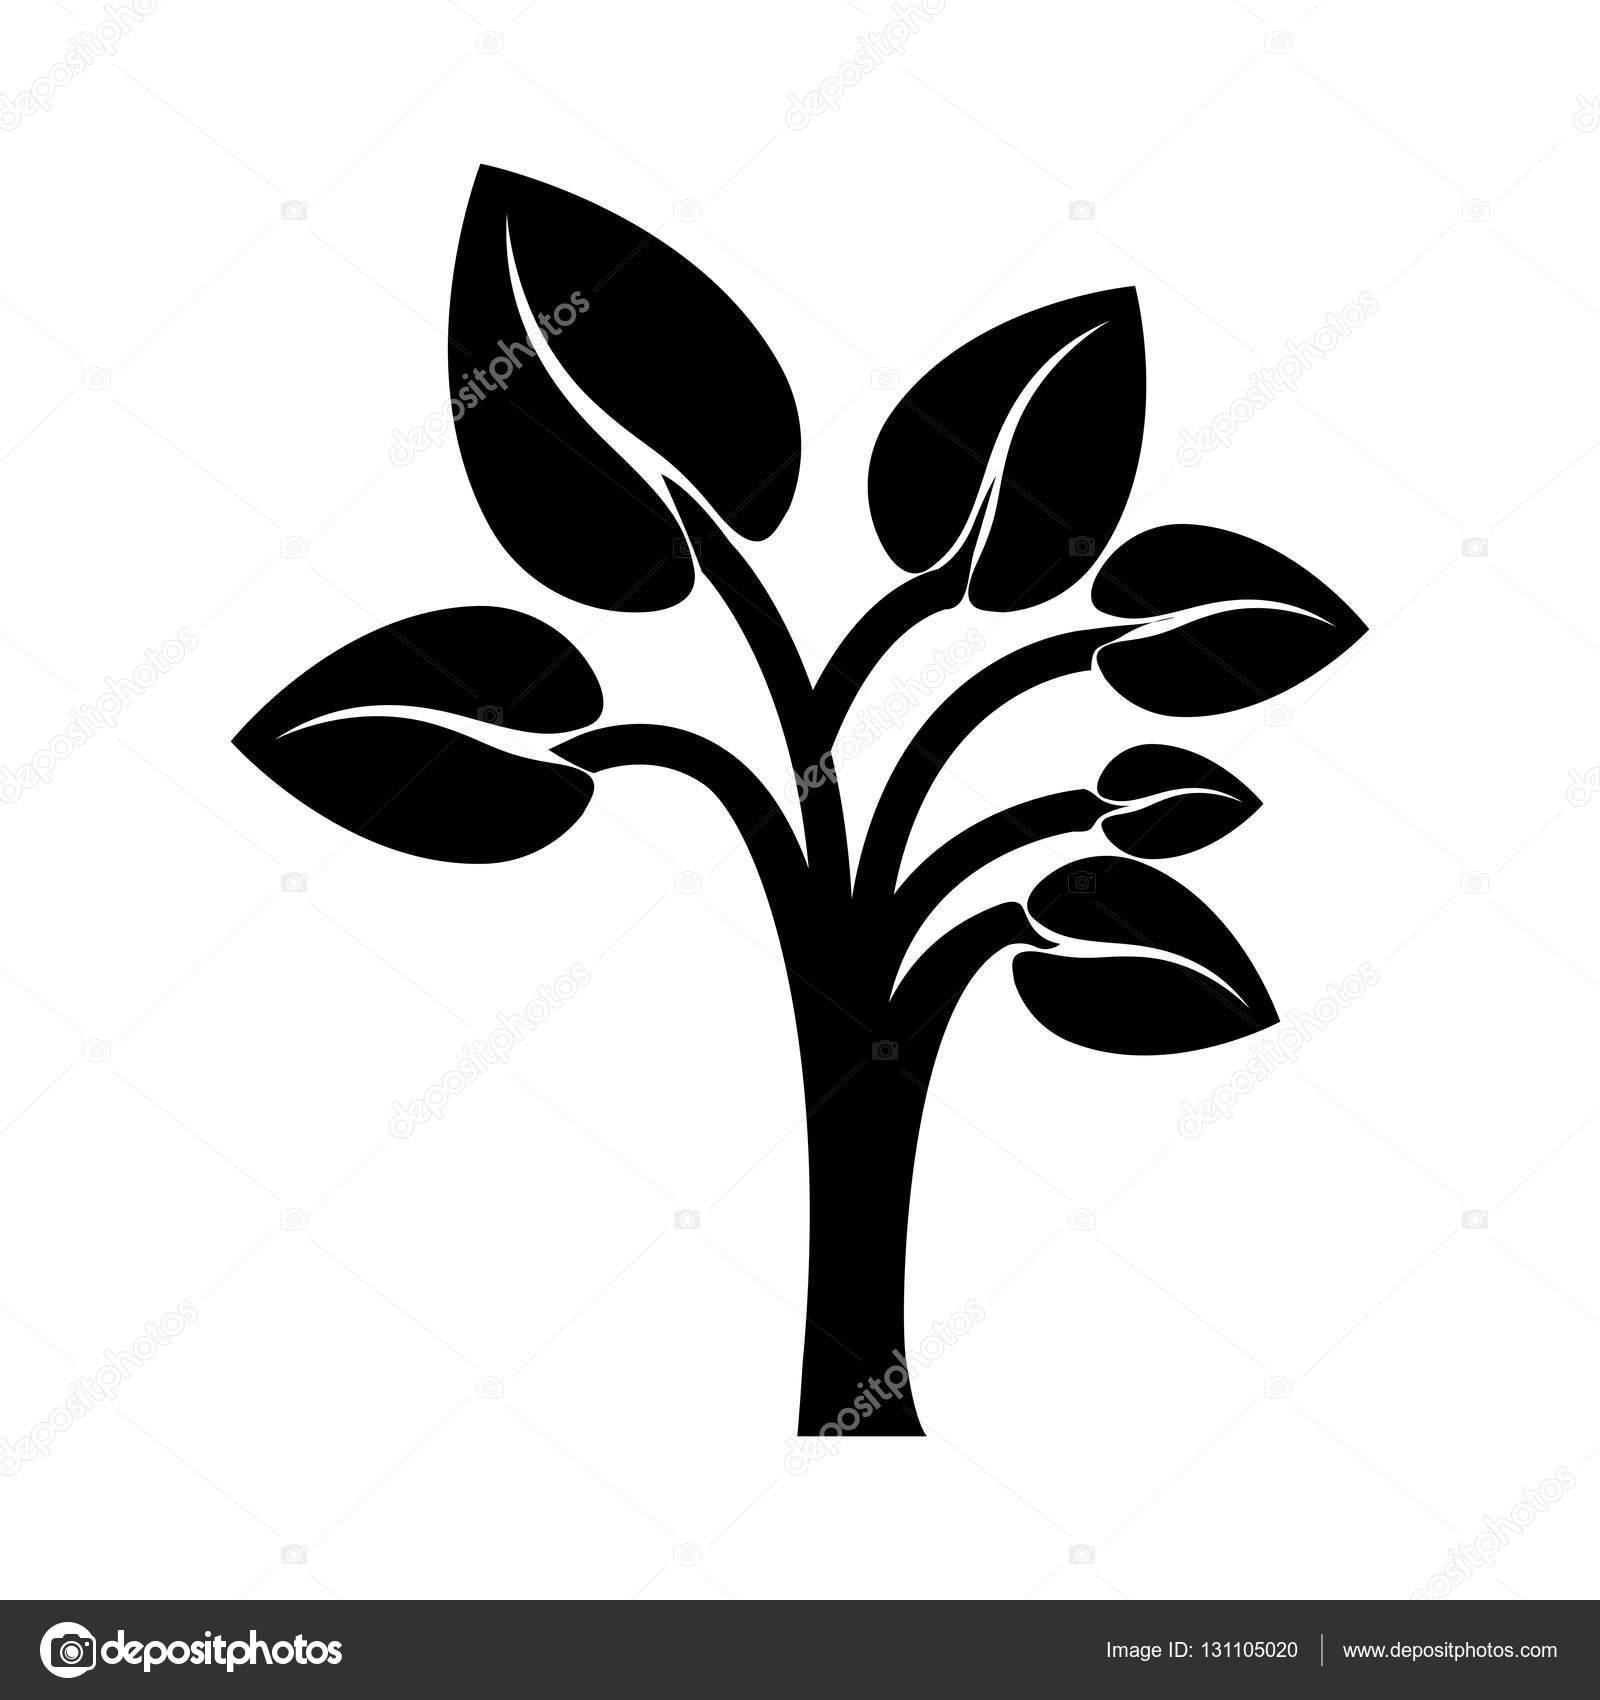 Siyah Renk Ağaç Gövdesi Ile şekil Kalp Için Ters Bırakır Stok